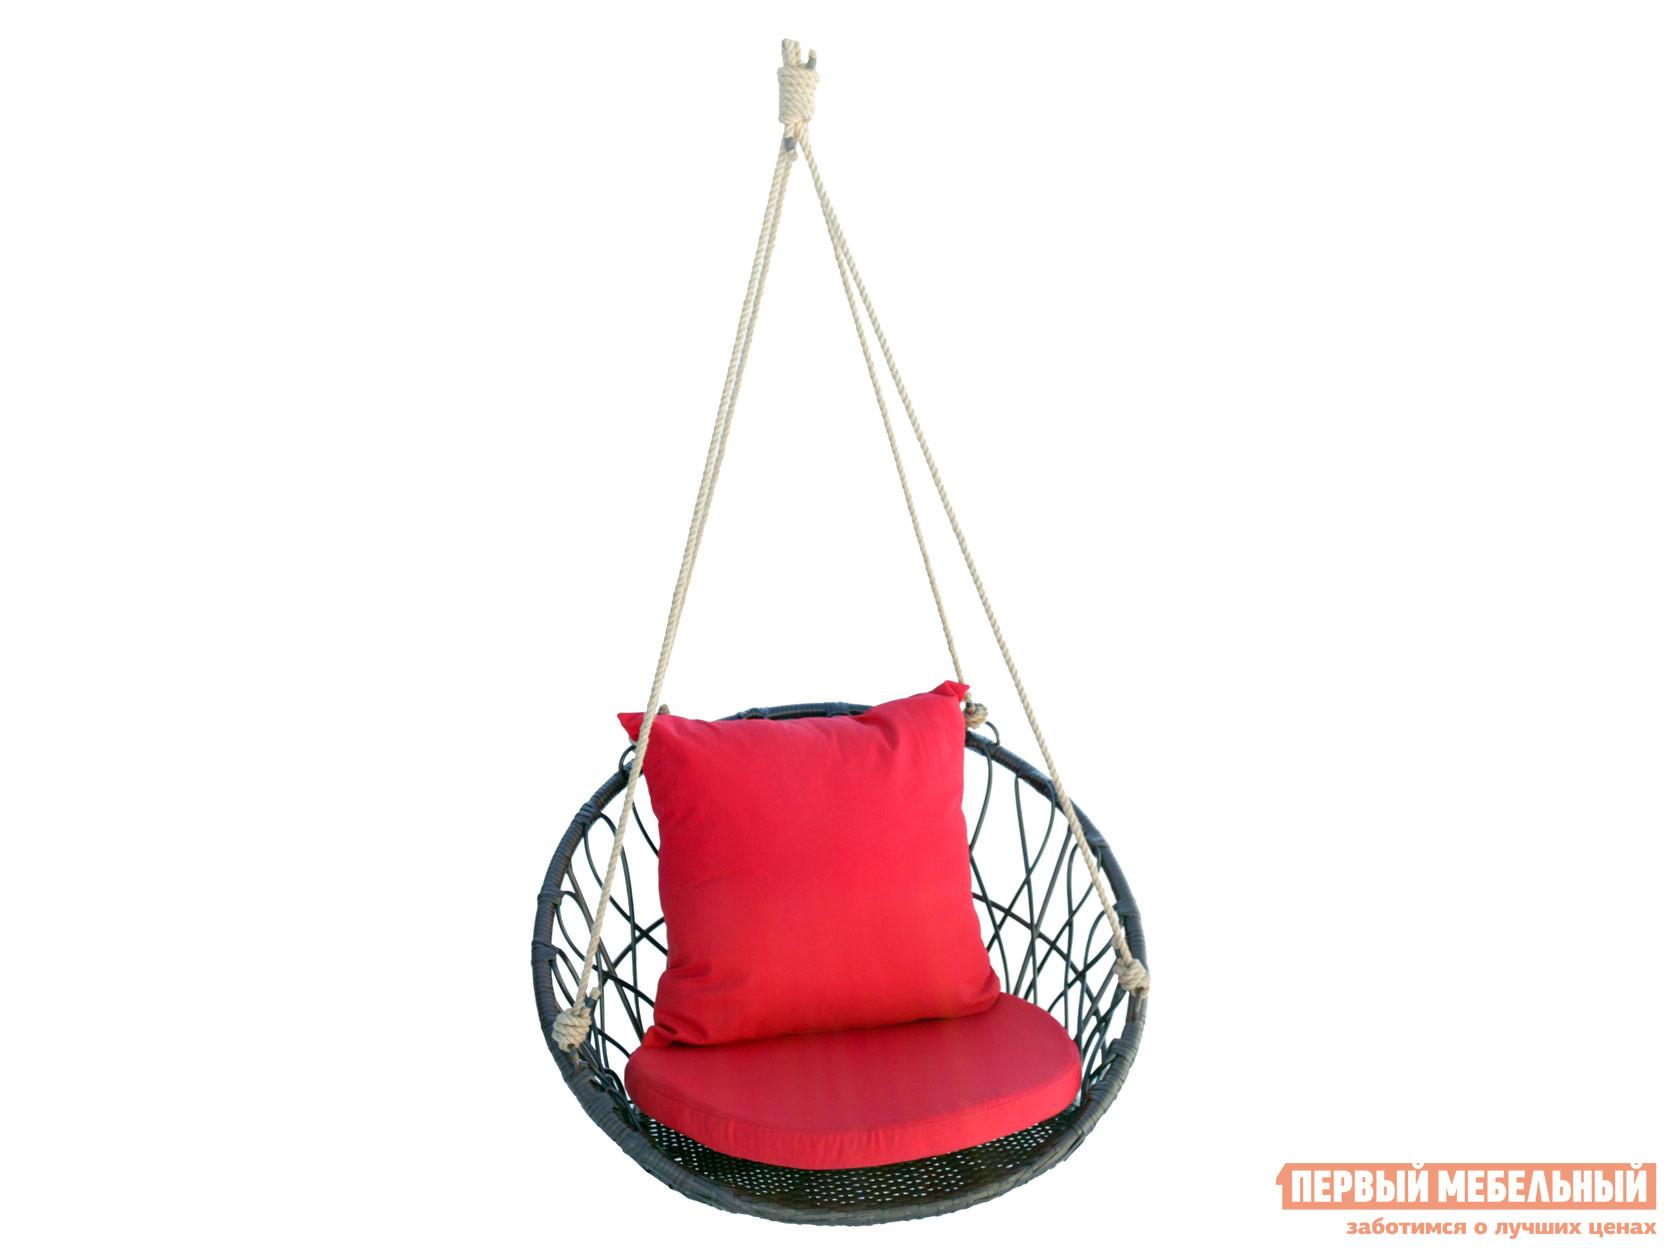 """Подвесное кресло  М455 Подвесное кресло """"Майорка"""" Кофейный, ротанг / Красный, ткань — М455 Подвесное кресло """"Майорка"""" Кофейный, ротанг / Красный, ткань"""